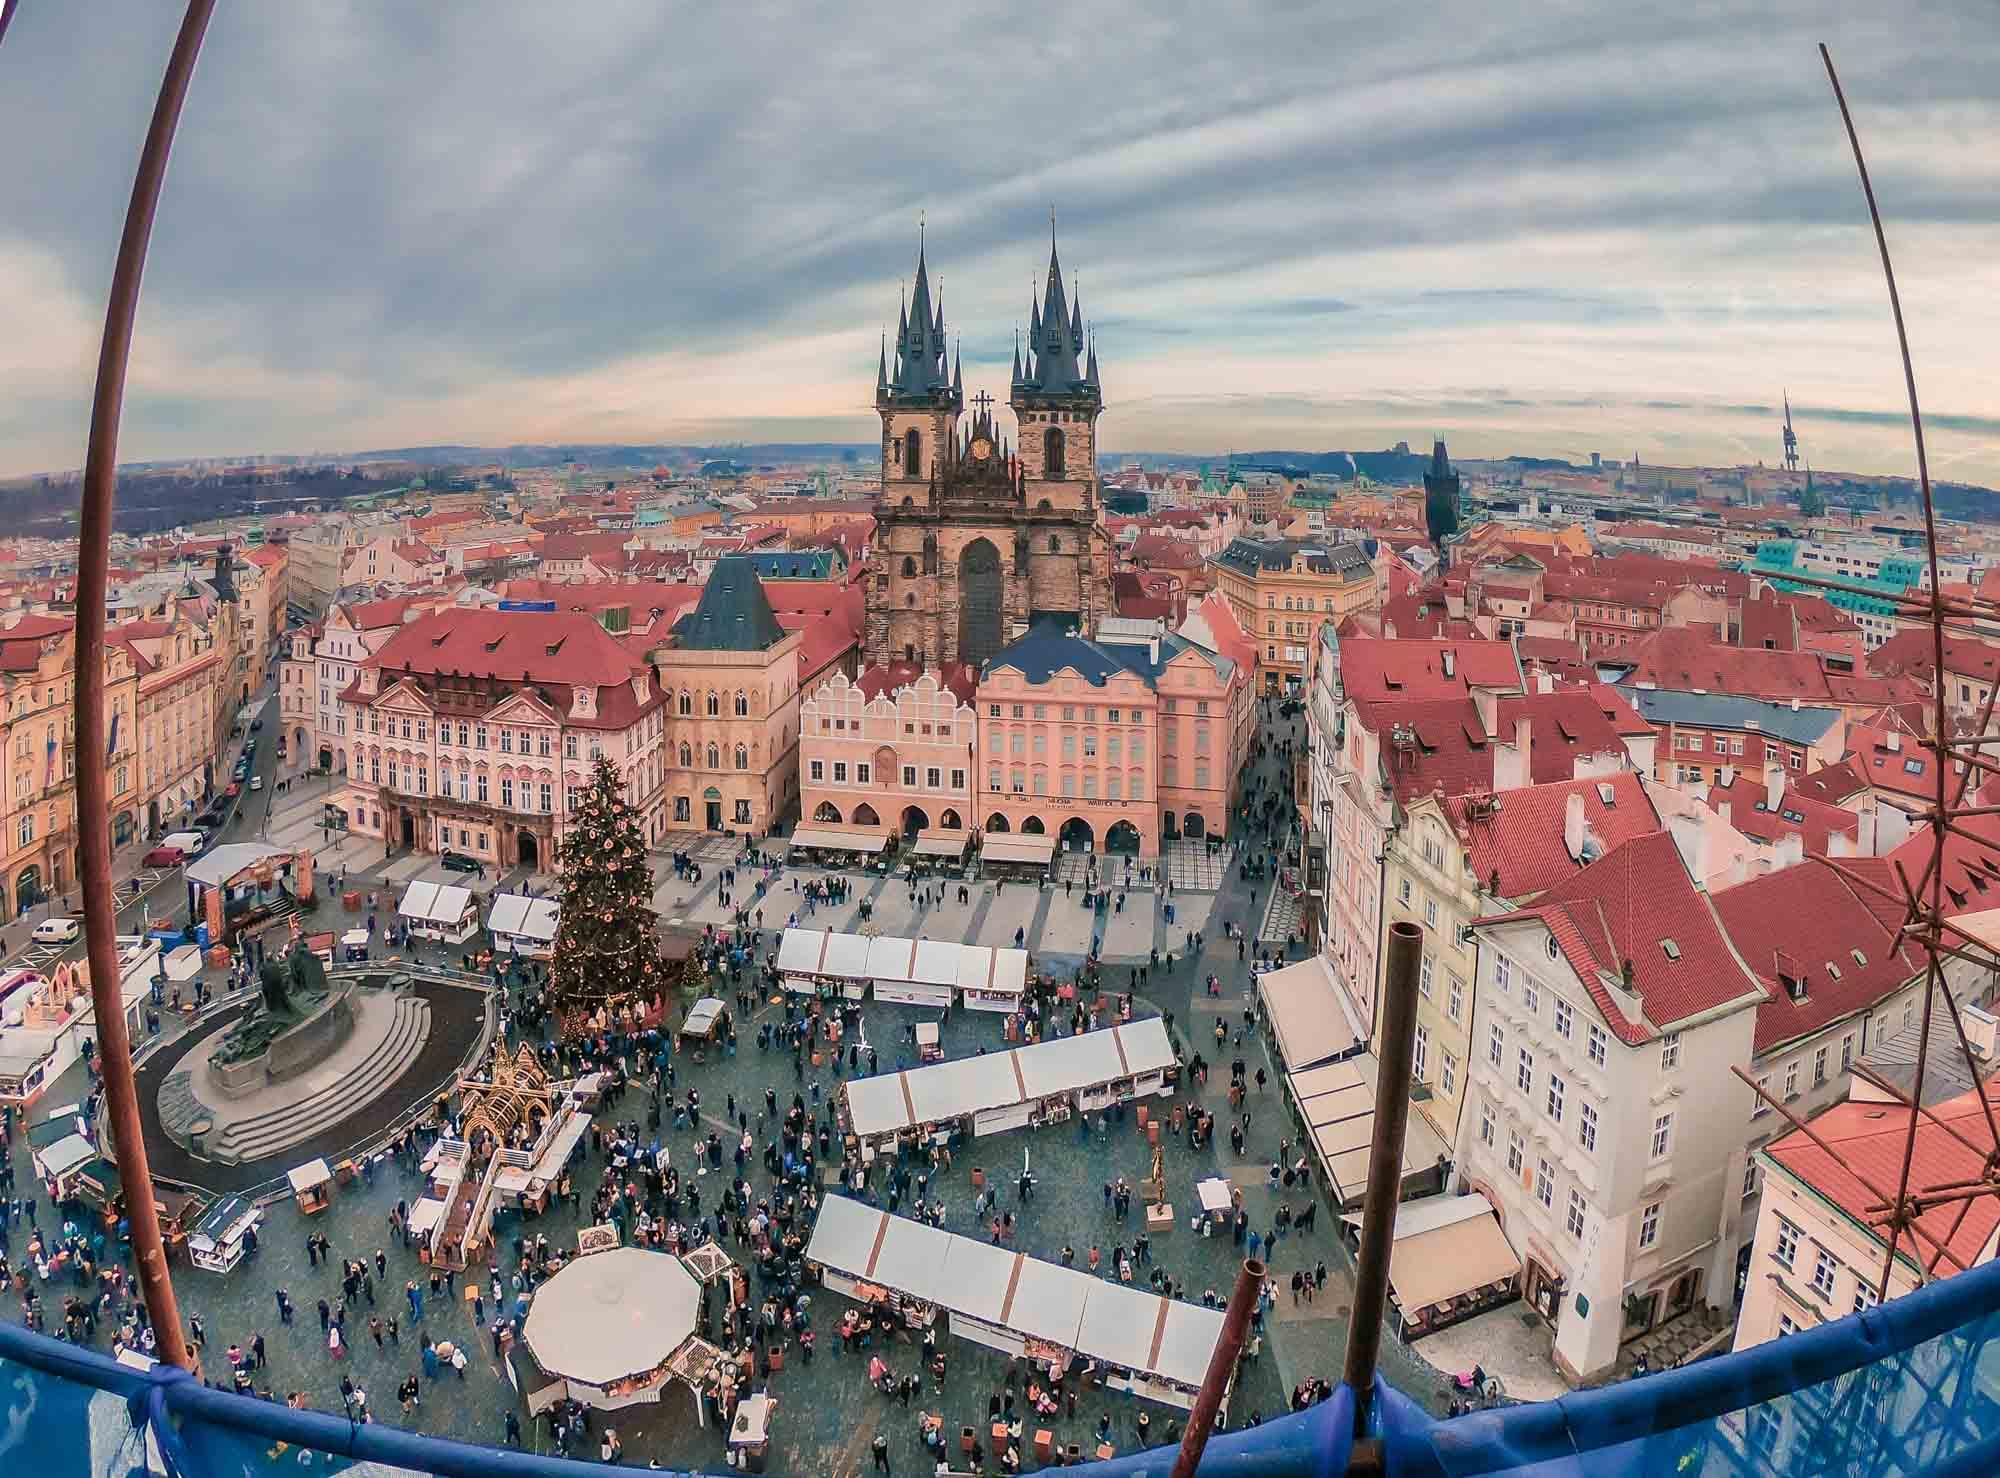 L'immense place de la Vieille Ville et son marché de Noël